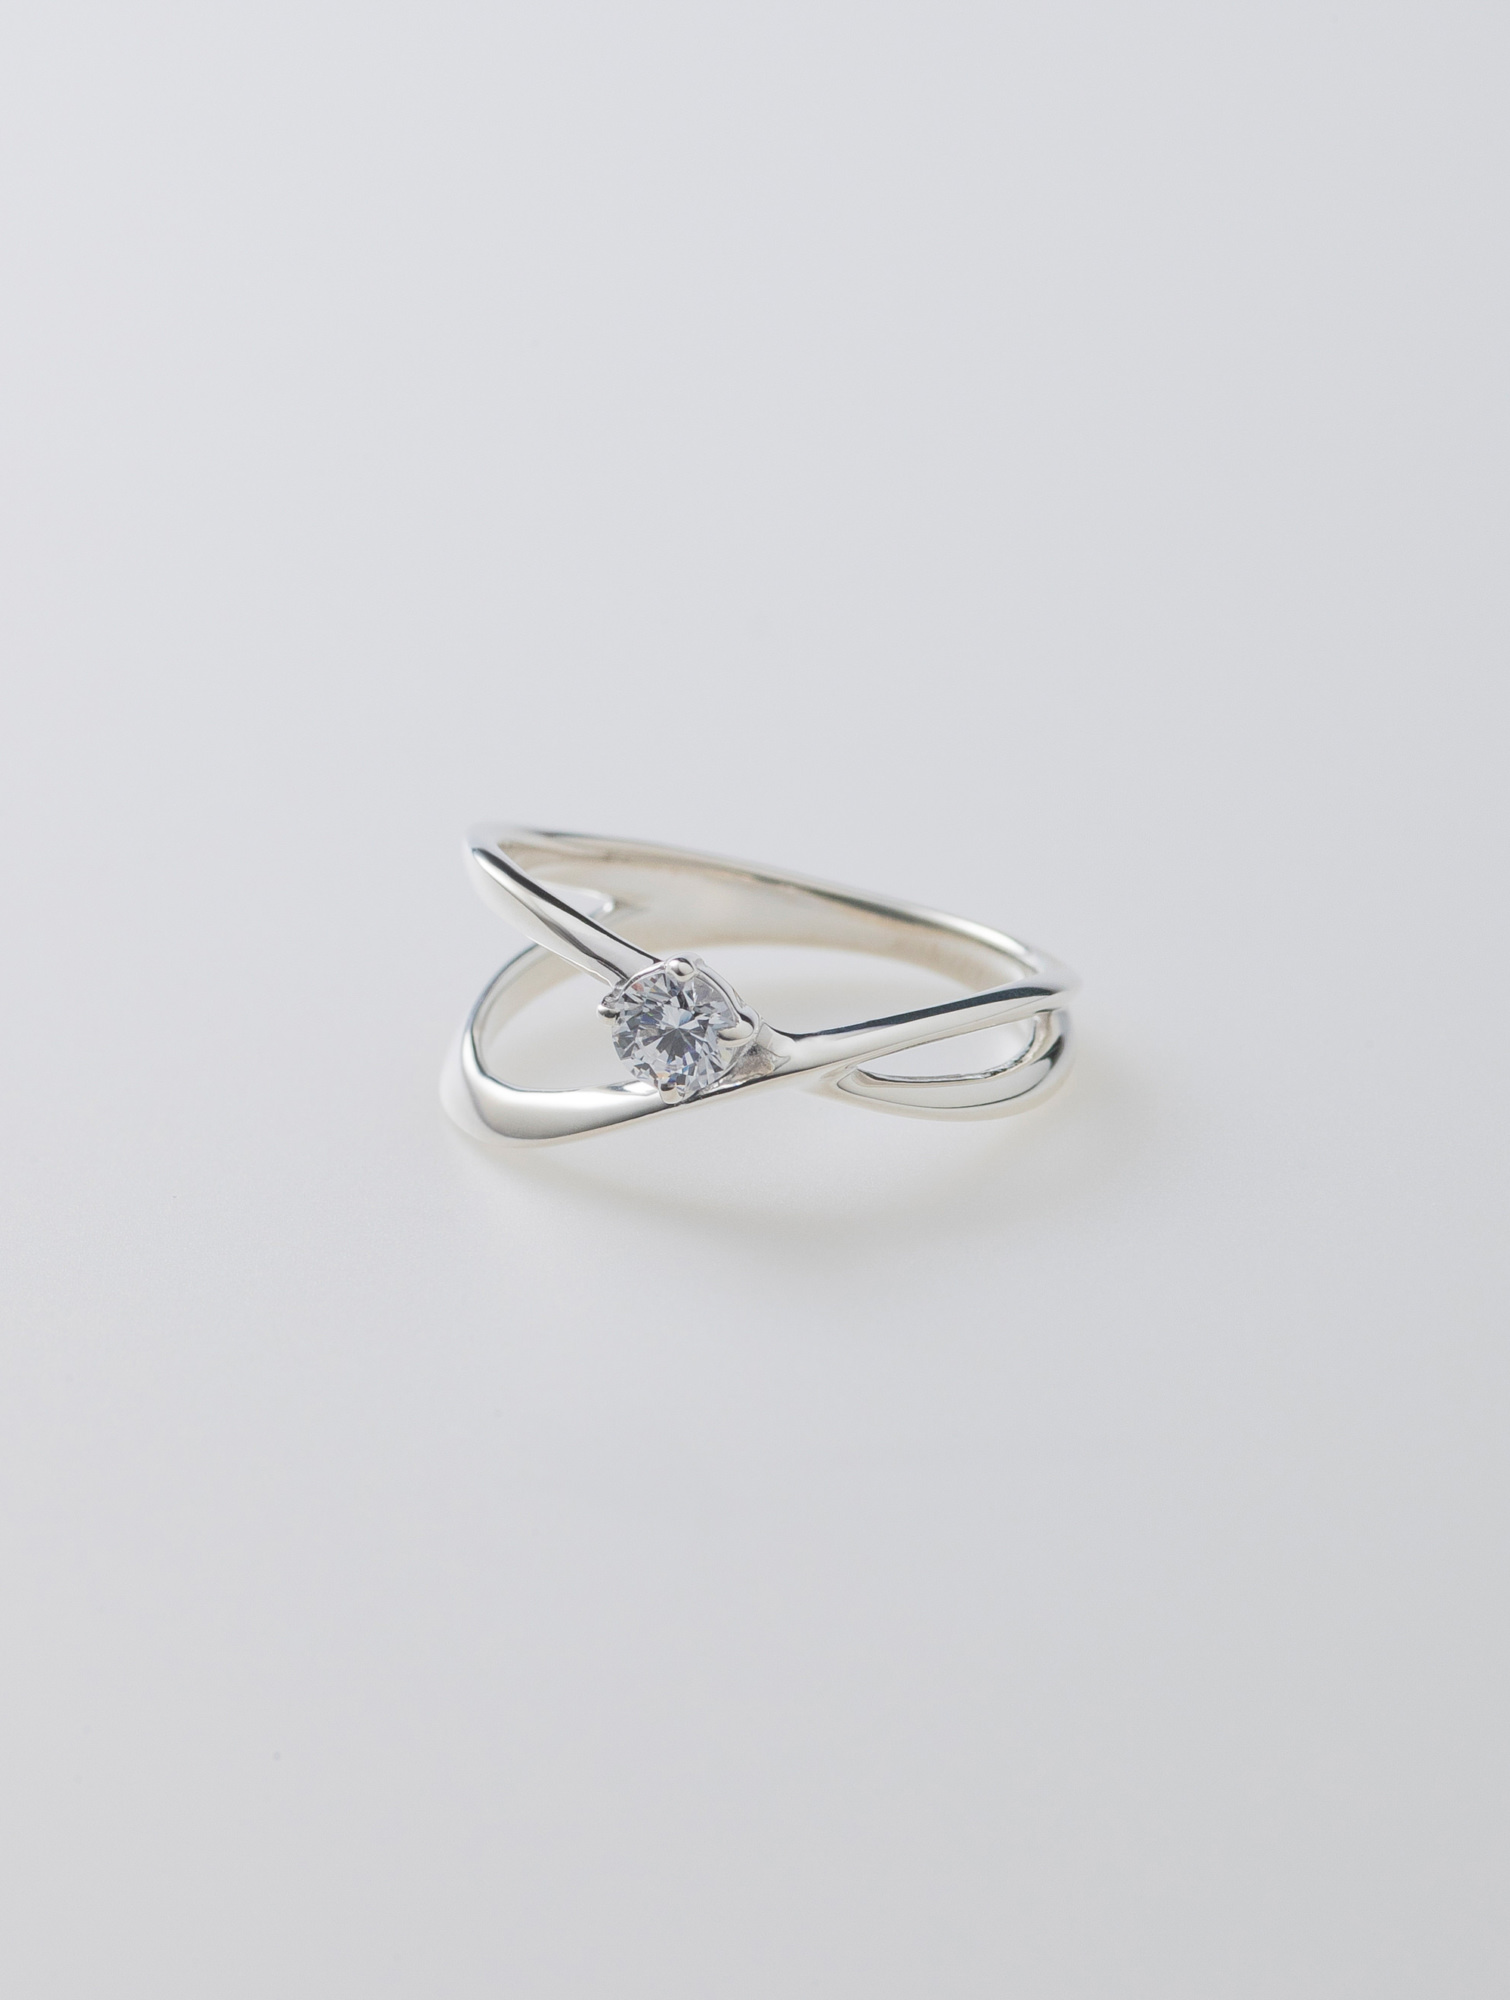 婚約指輪のイメージ